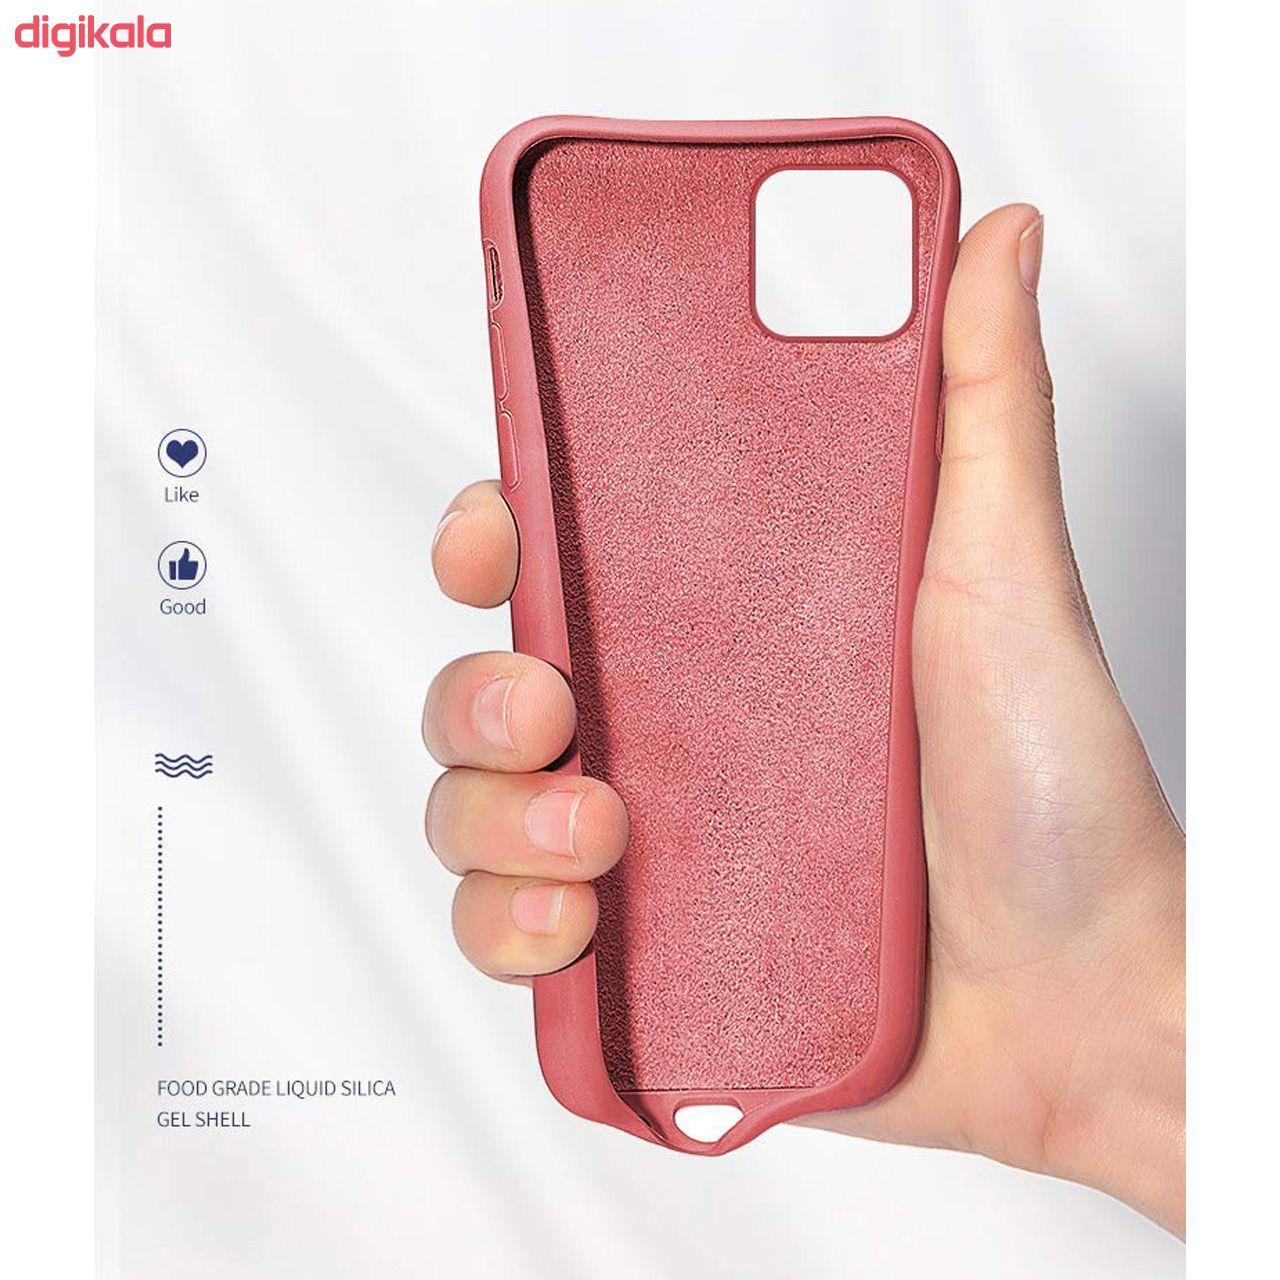 کاور وی کیس مدل Si01 مناسب برای گوشی موبایل اپل iPhone X/XS main 1 4